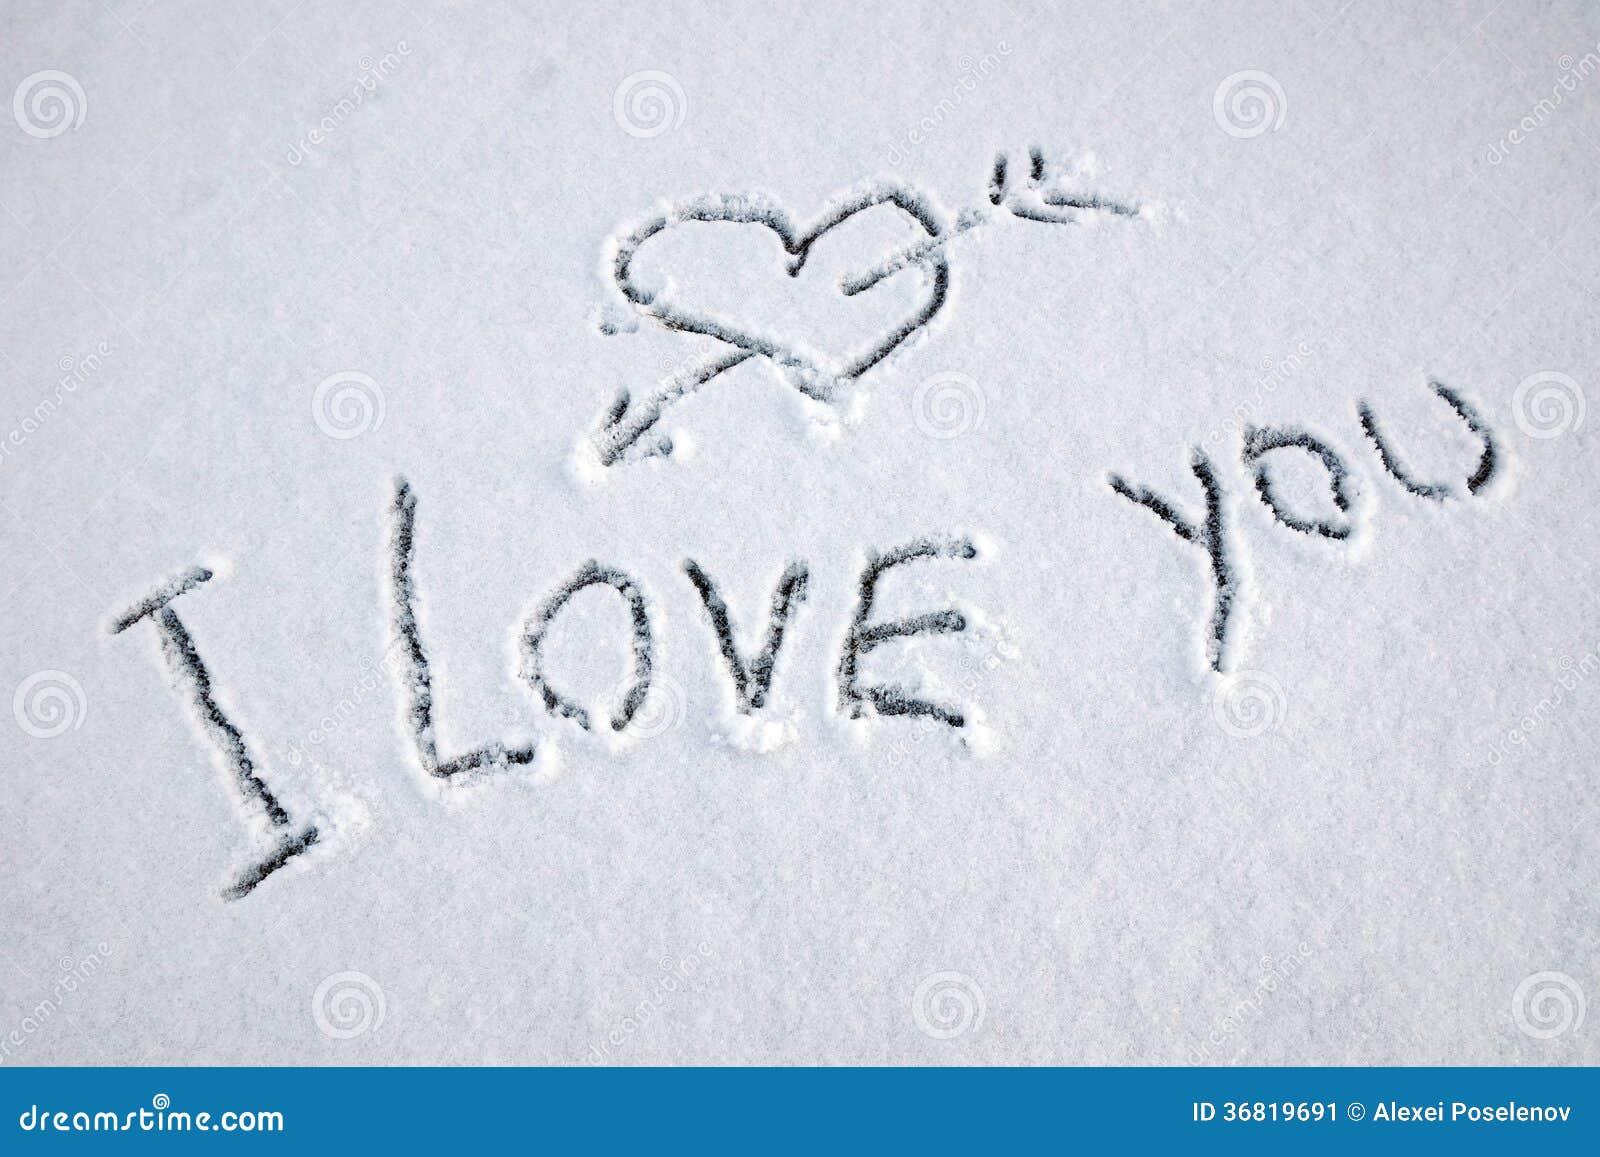 ich liebe dich text geschrieben auf schnee stockbild. Black Bedroom Furniture Sets. Home Design Ideas